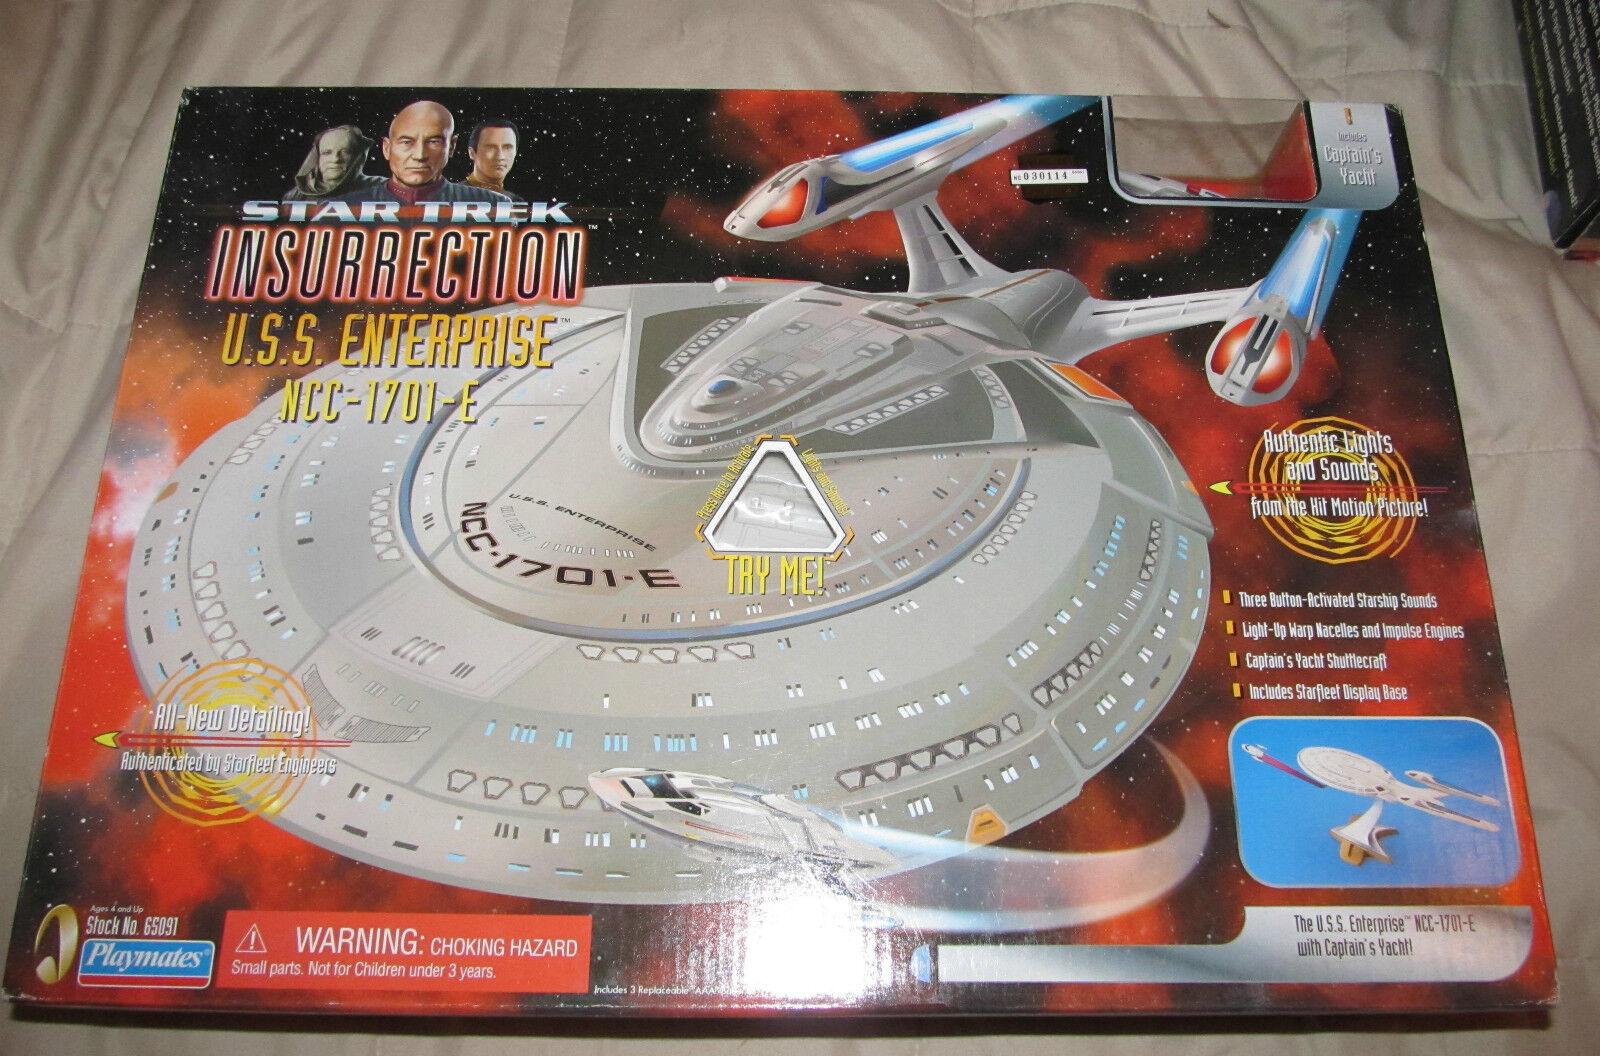 STAR TREK Insurrection U.S.S. ENTERPRISE NCC-1701-E  MIB 1998 Playmates